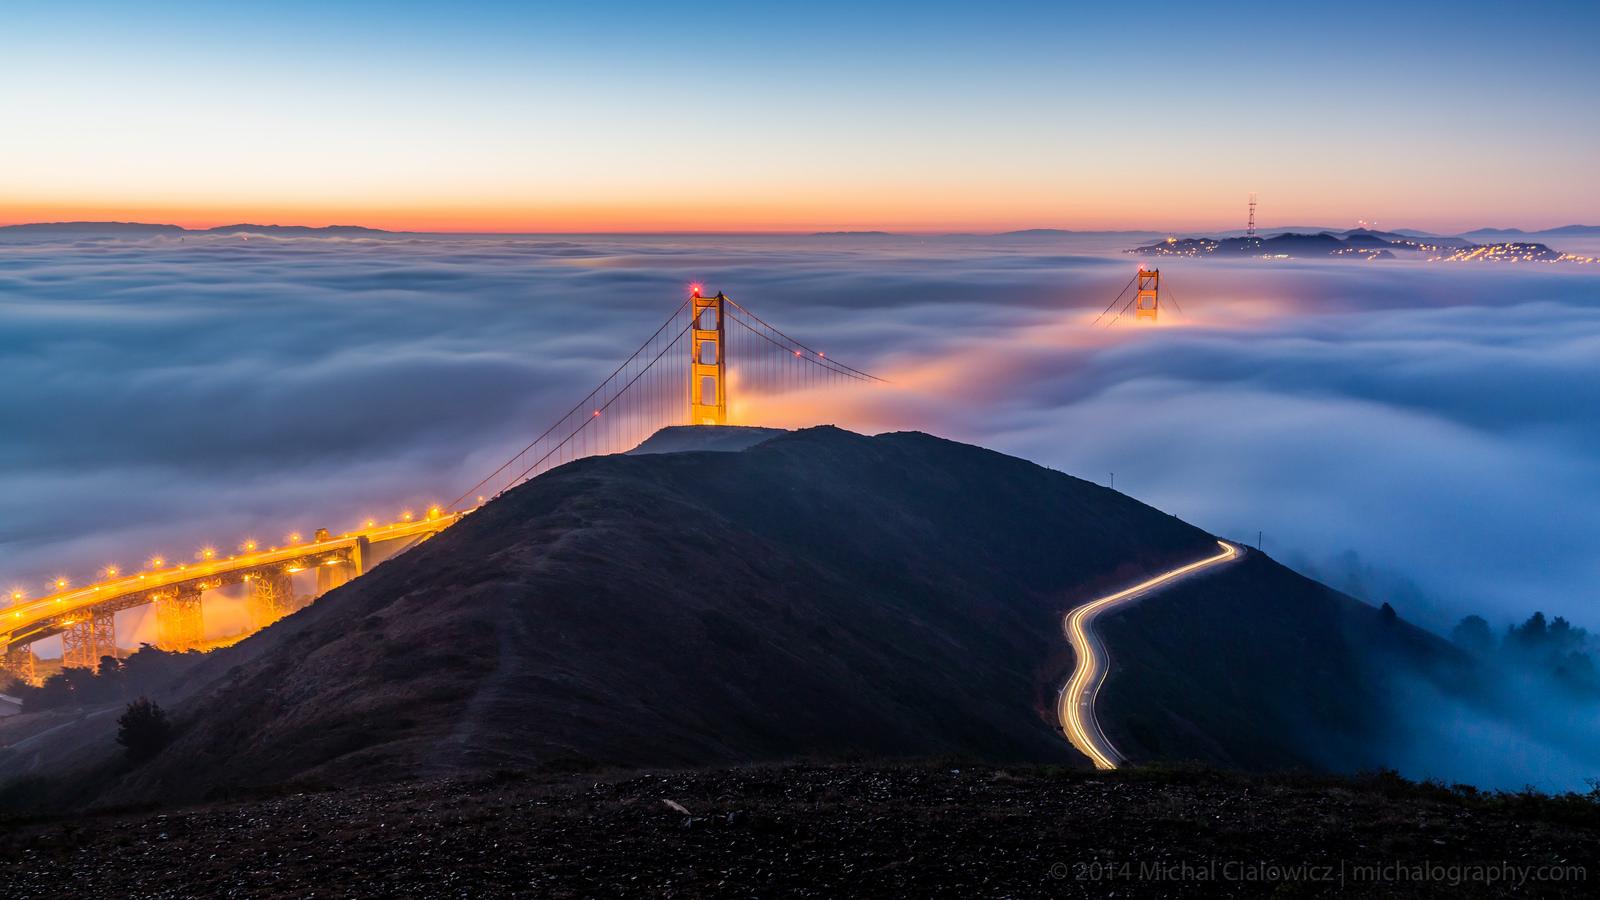 San Francisco, CA (Sony A6000 + 16-70mm f/4 OSS)